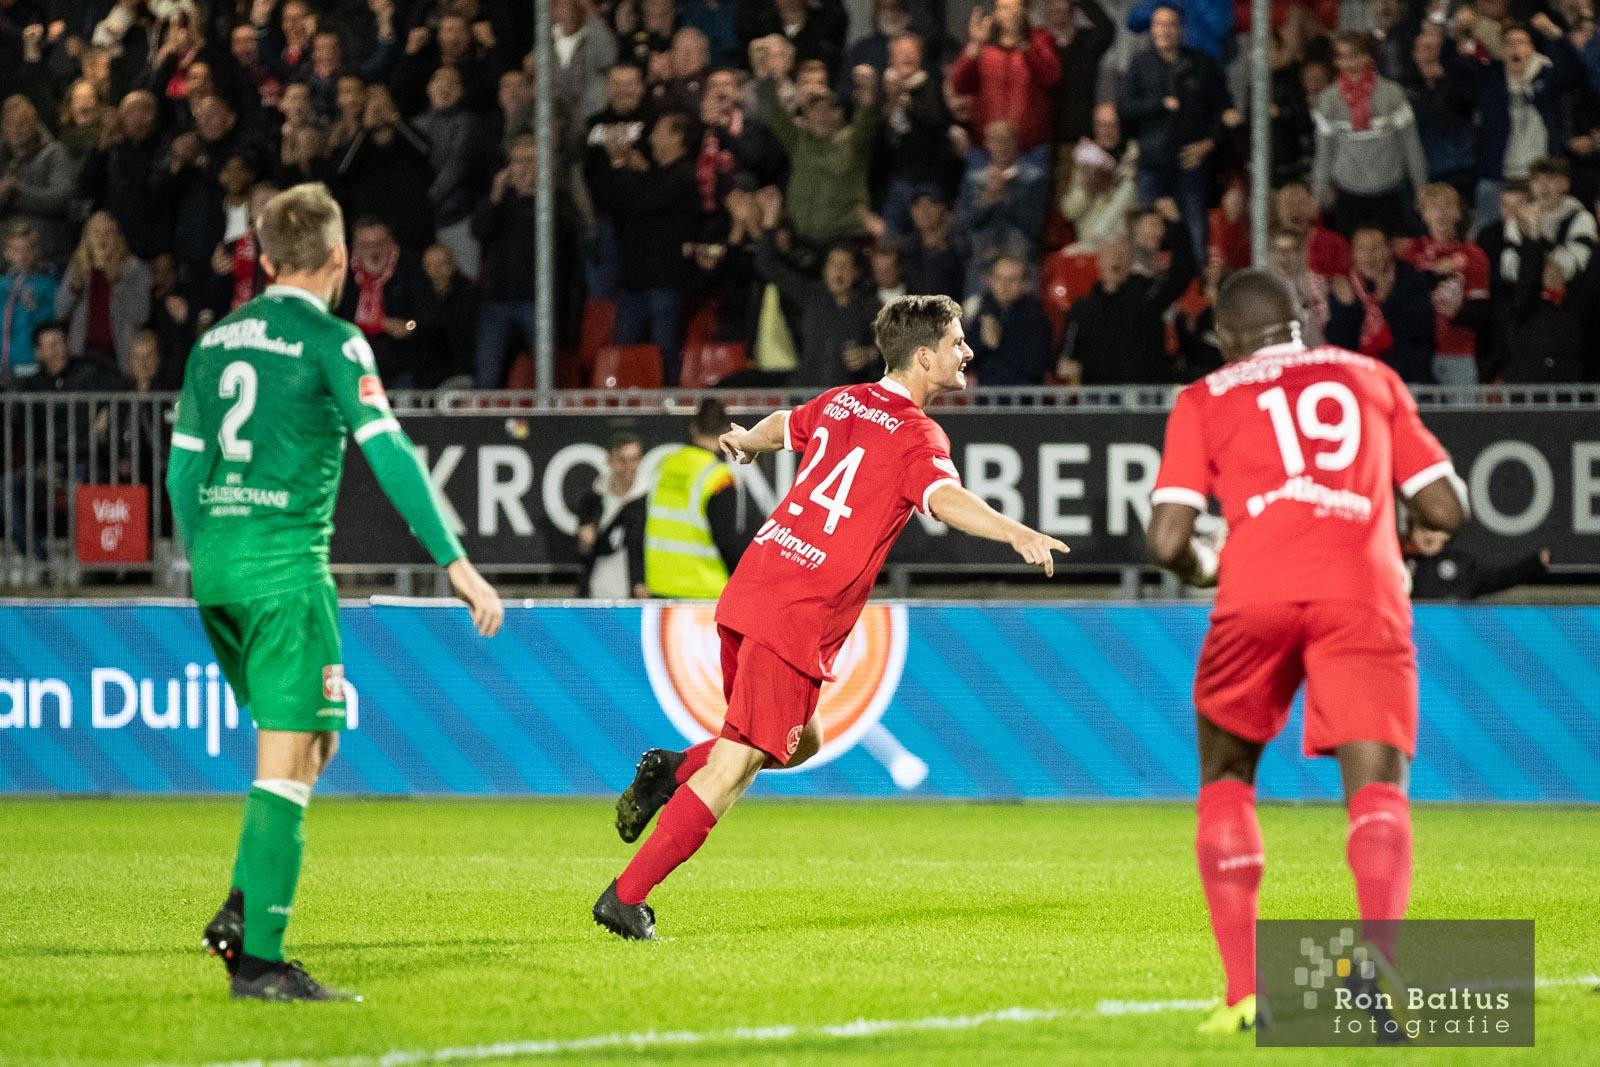 Yanmar Stadion blijkt onneembaar fort: Ook winst tegen FC Dordrecht